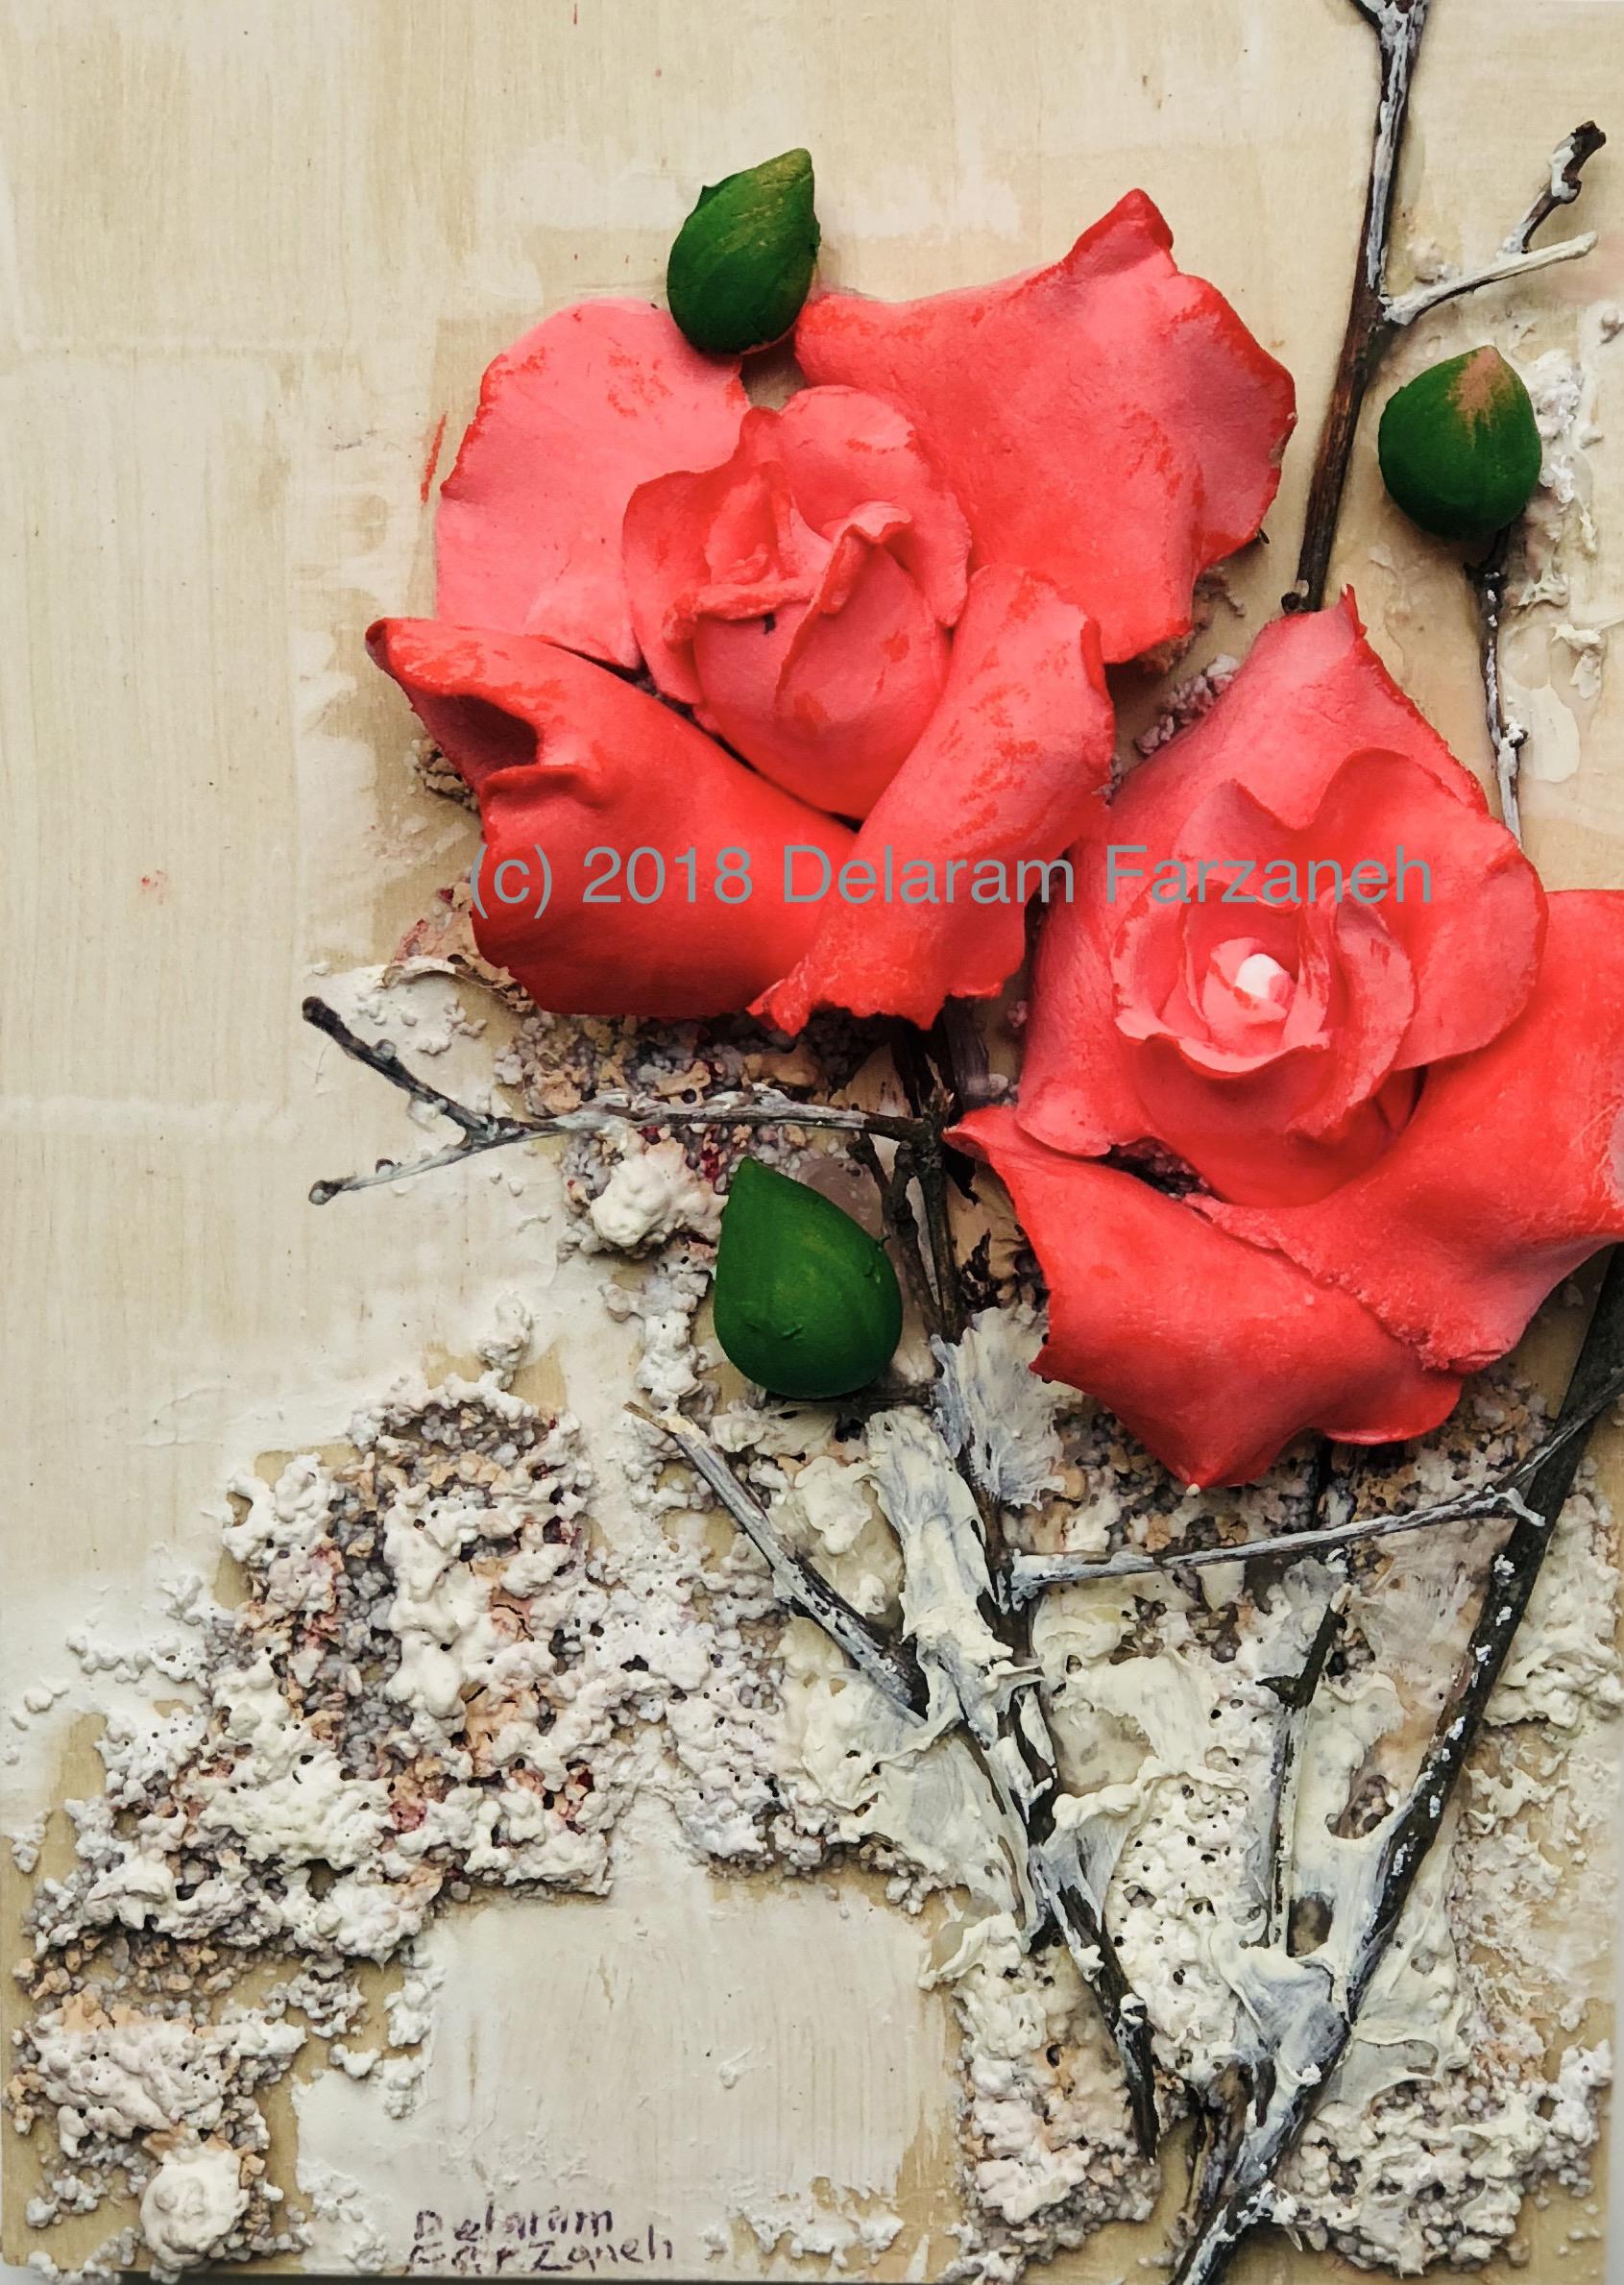 Floral Sculpture #13